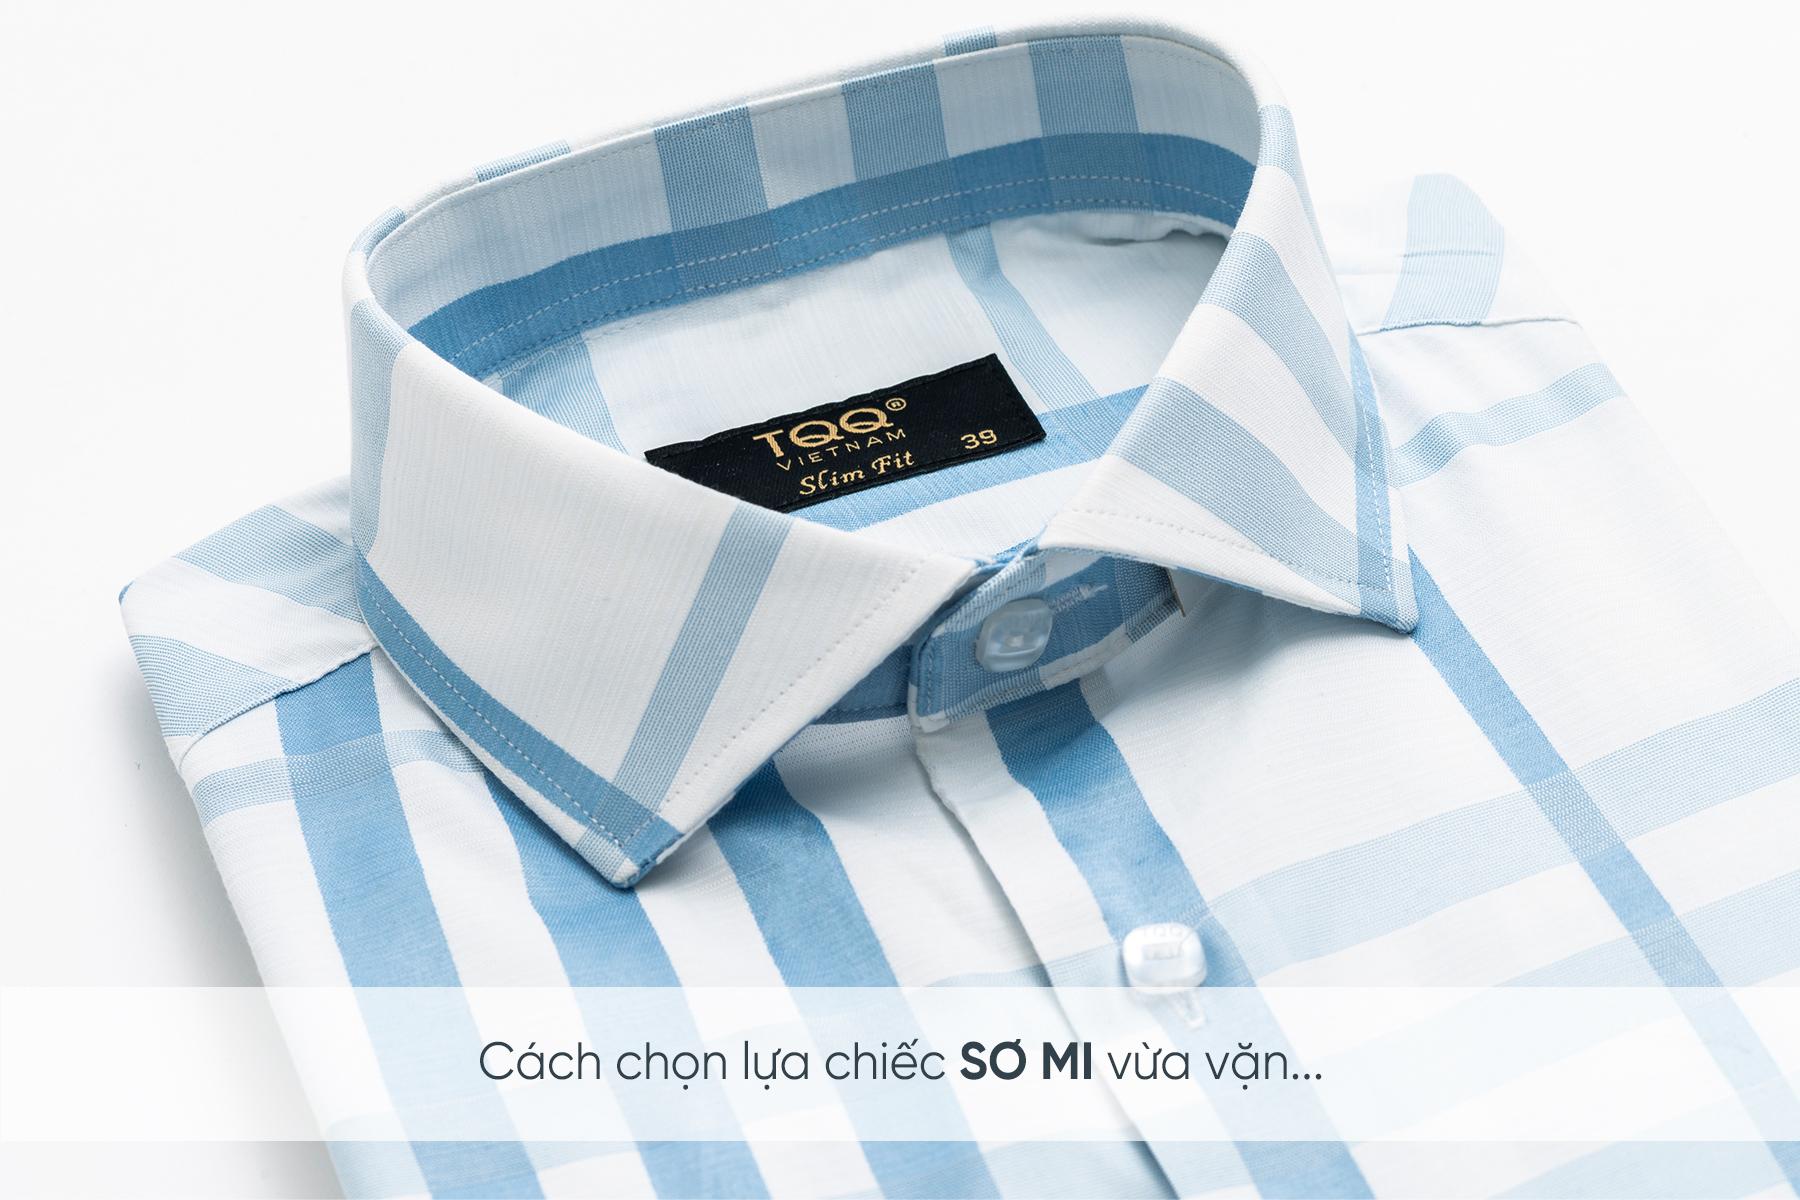 Chọn được mẫu áo sơ mi nam vừa vặn với cơ thể sẽ giúp bạn mặc đẹp nhất